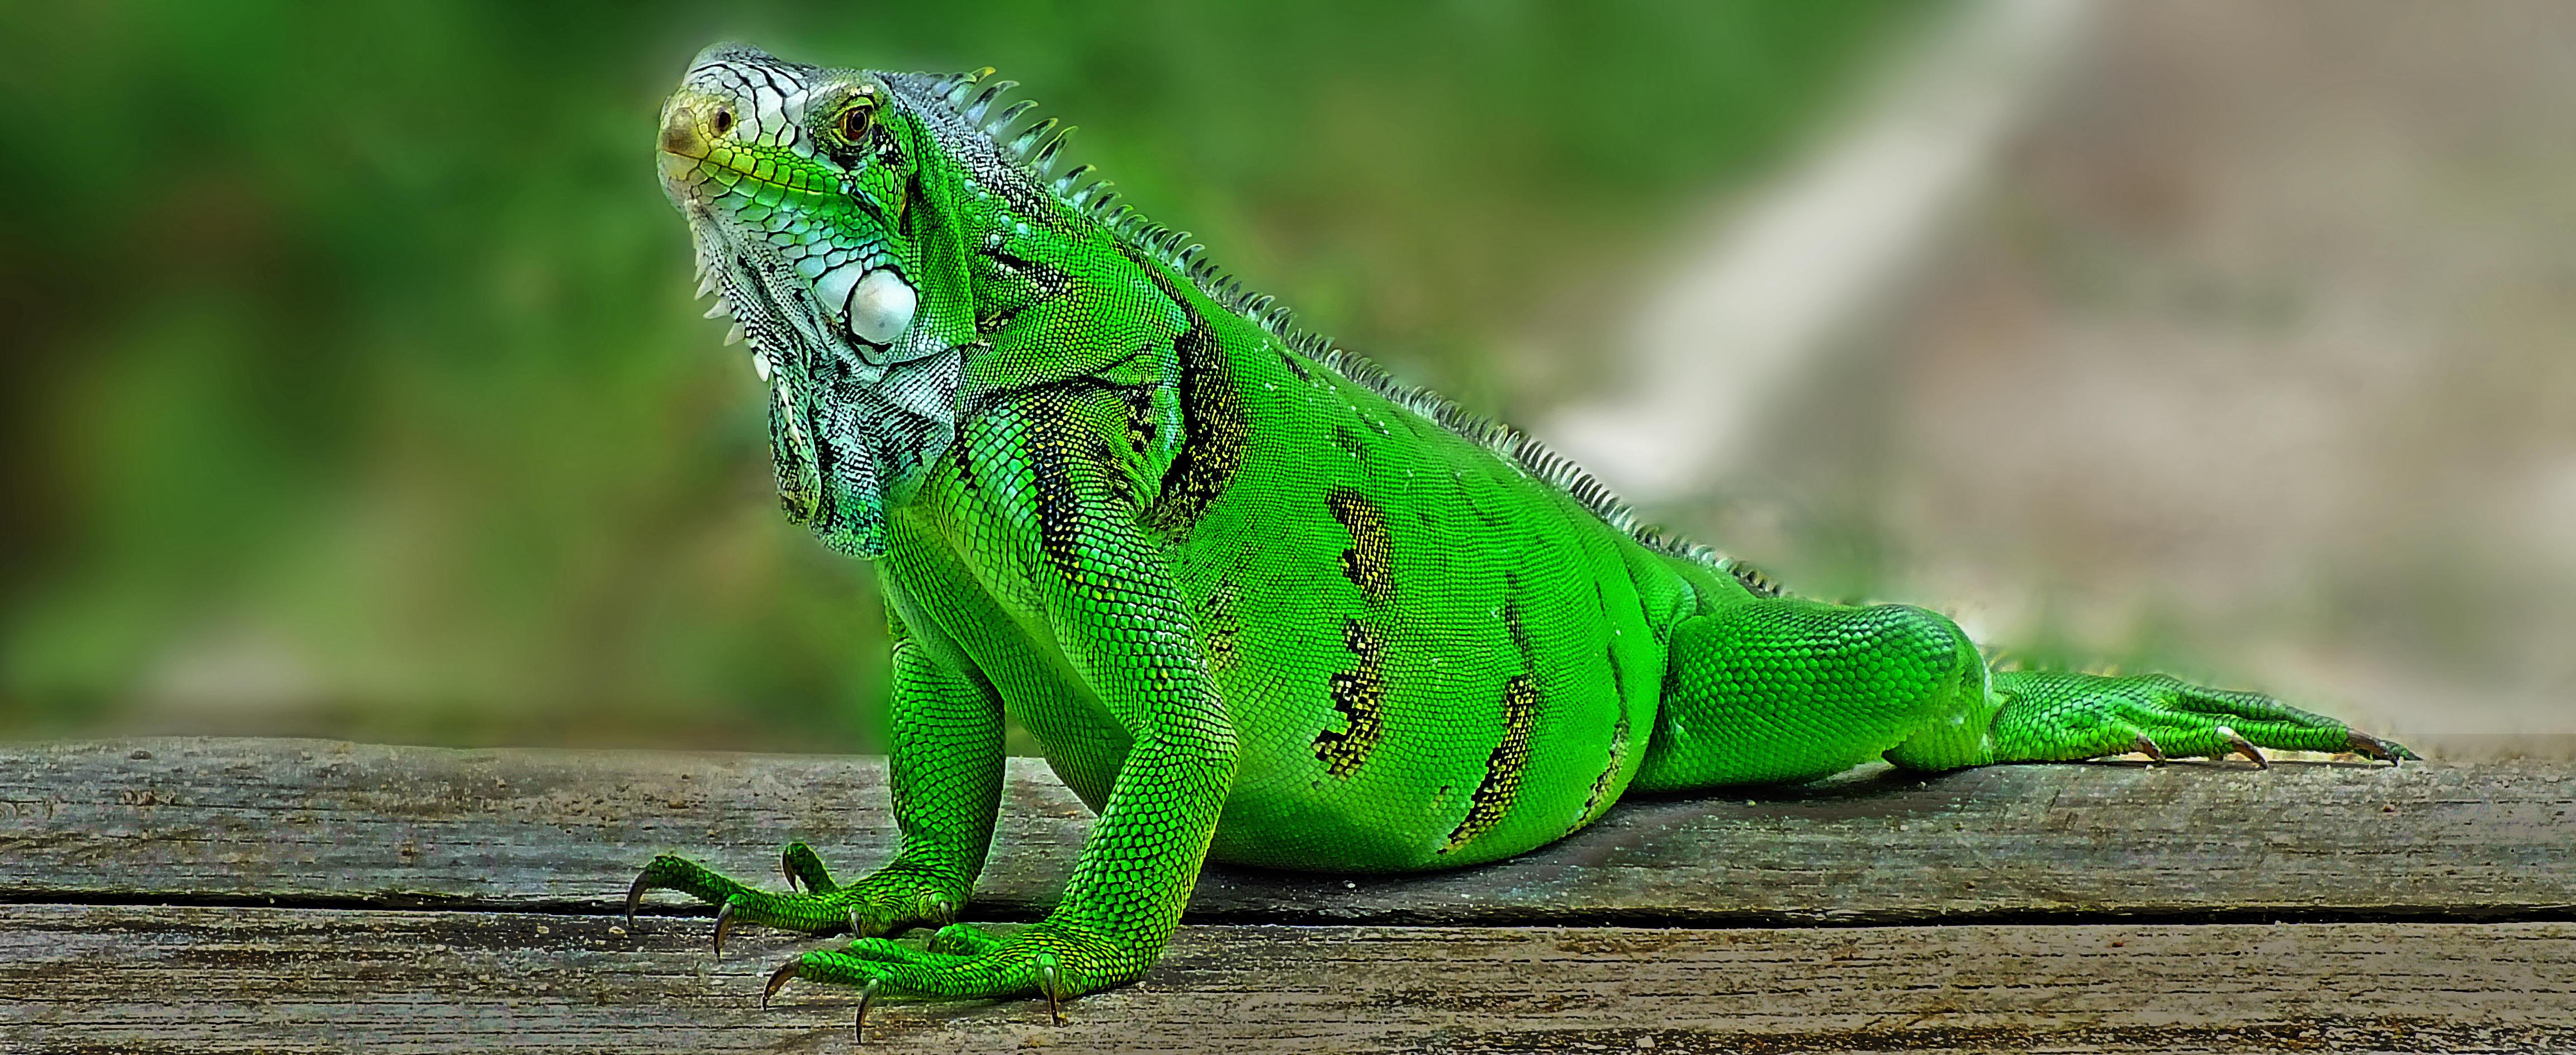 Обои Iguana, Игуана, крупная растительноядная ящерица, семейства игуановых